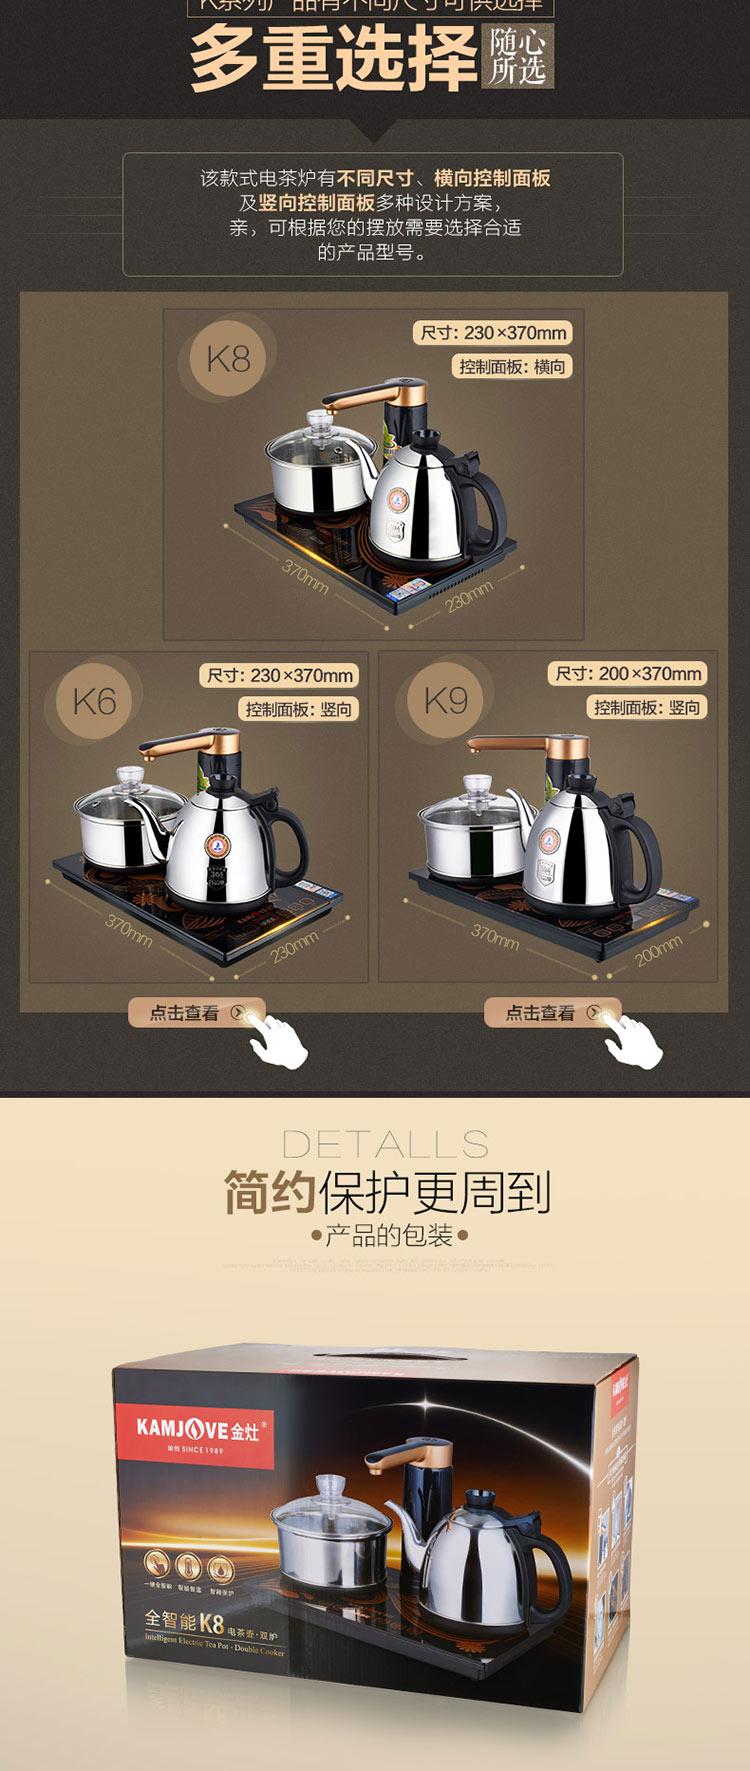 K8详情页【添加进水管】_10